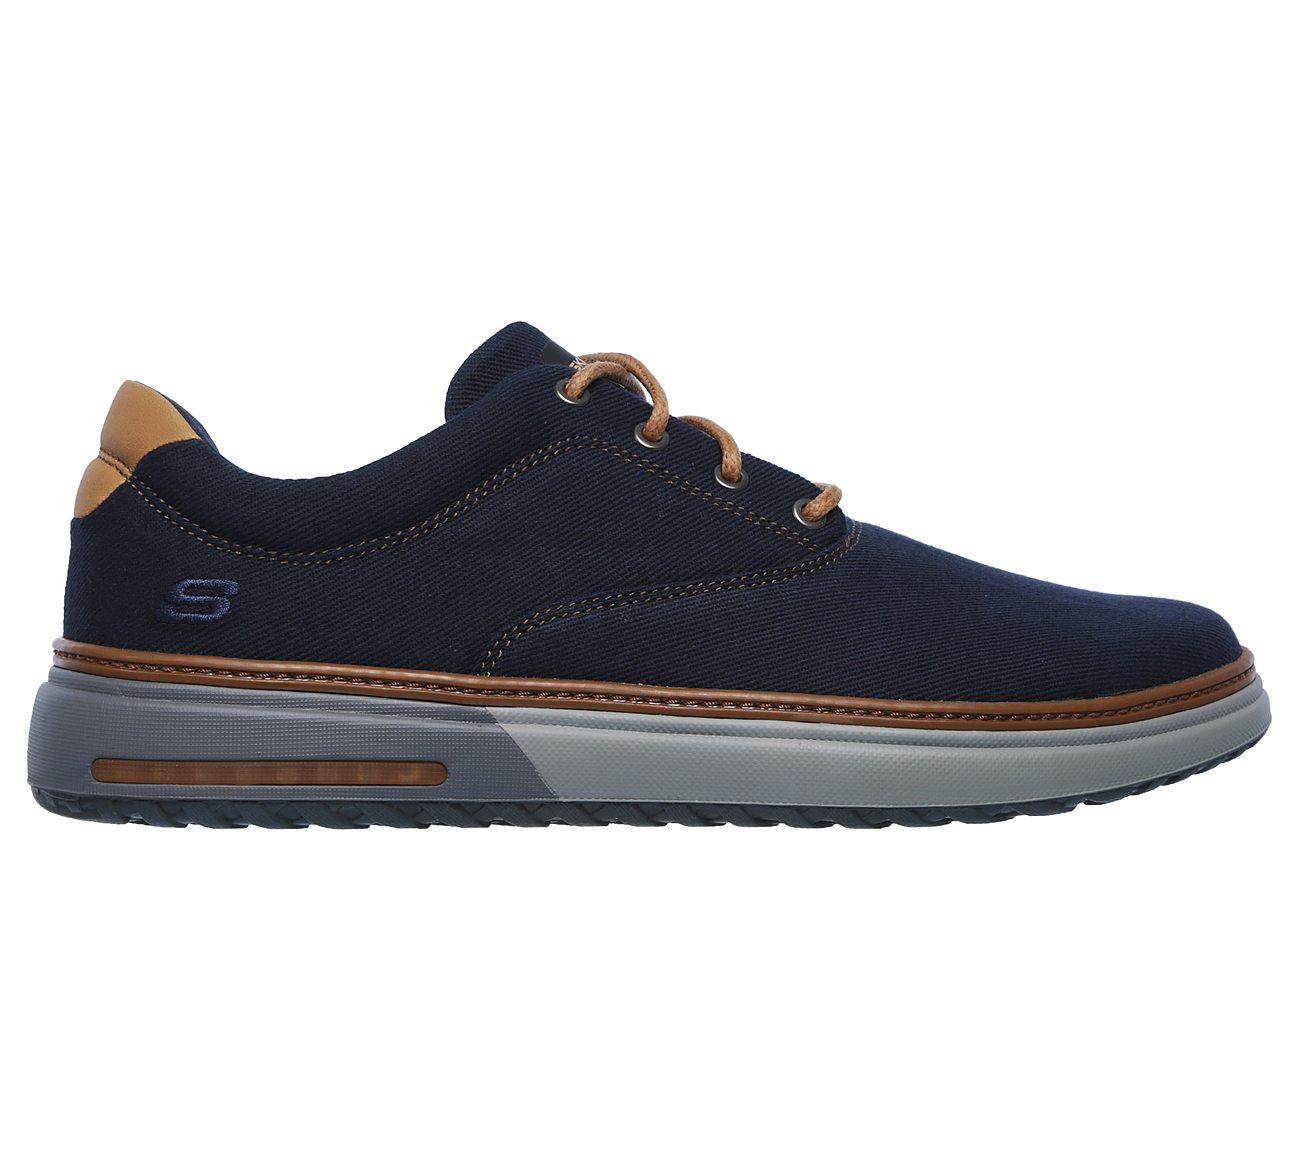 Explosivos Constitución Banco de iglesia  Buy SKECHERS Folten - Verome USA Casuals Shoes